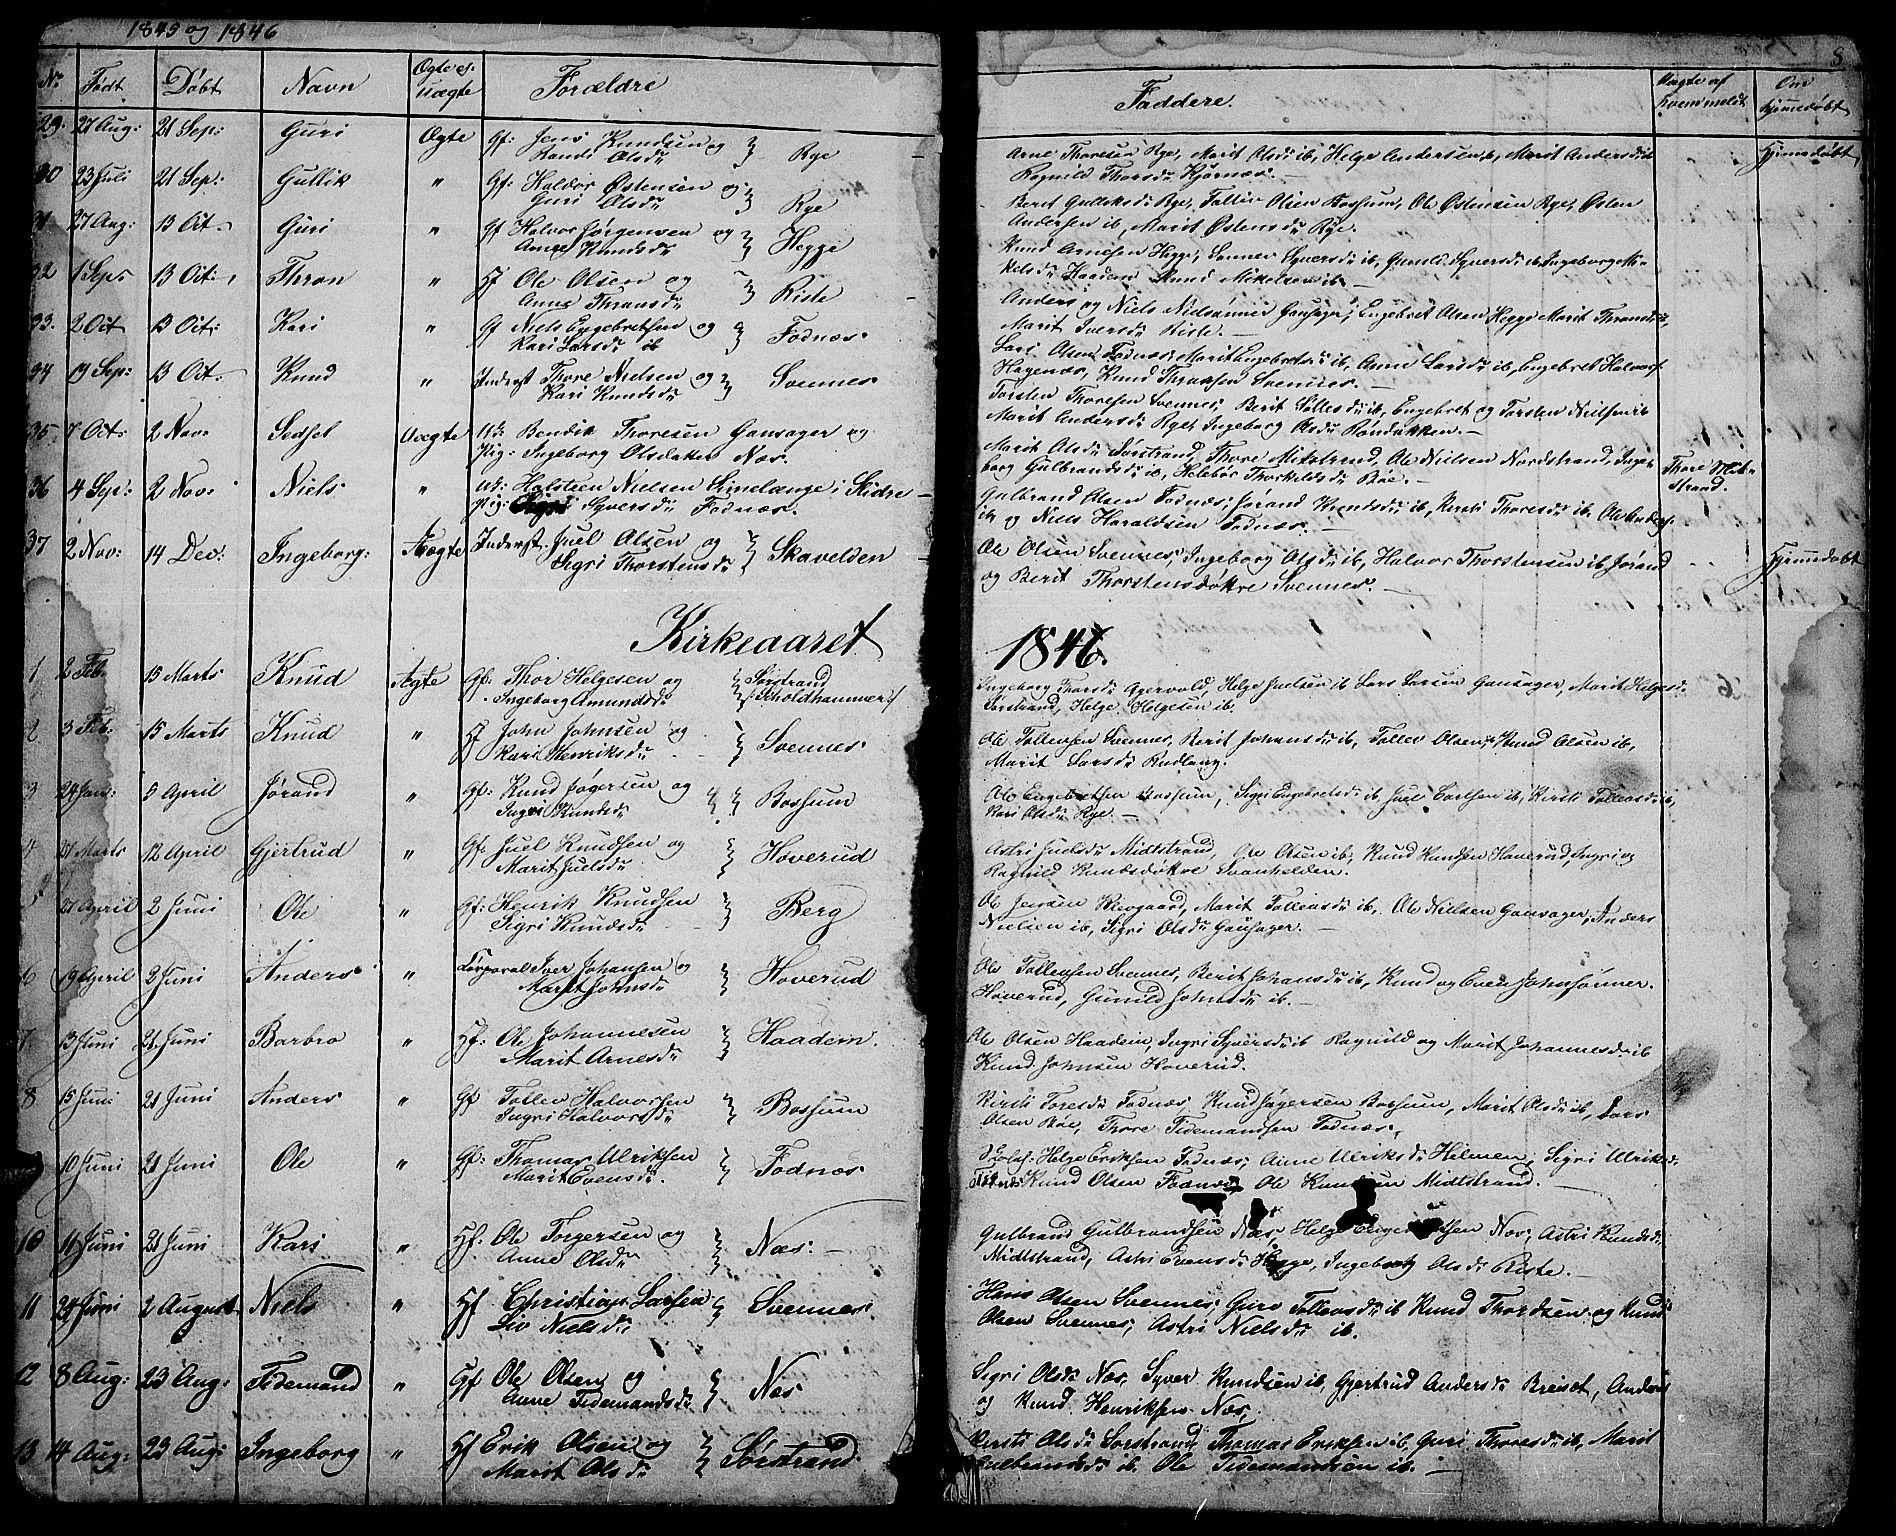 SAH, Nord-Aurdal prestekontor, Klokkerbok nr. 3, 1842-1882, s. 8a